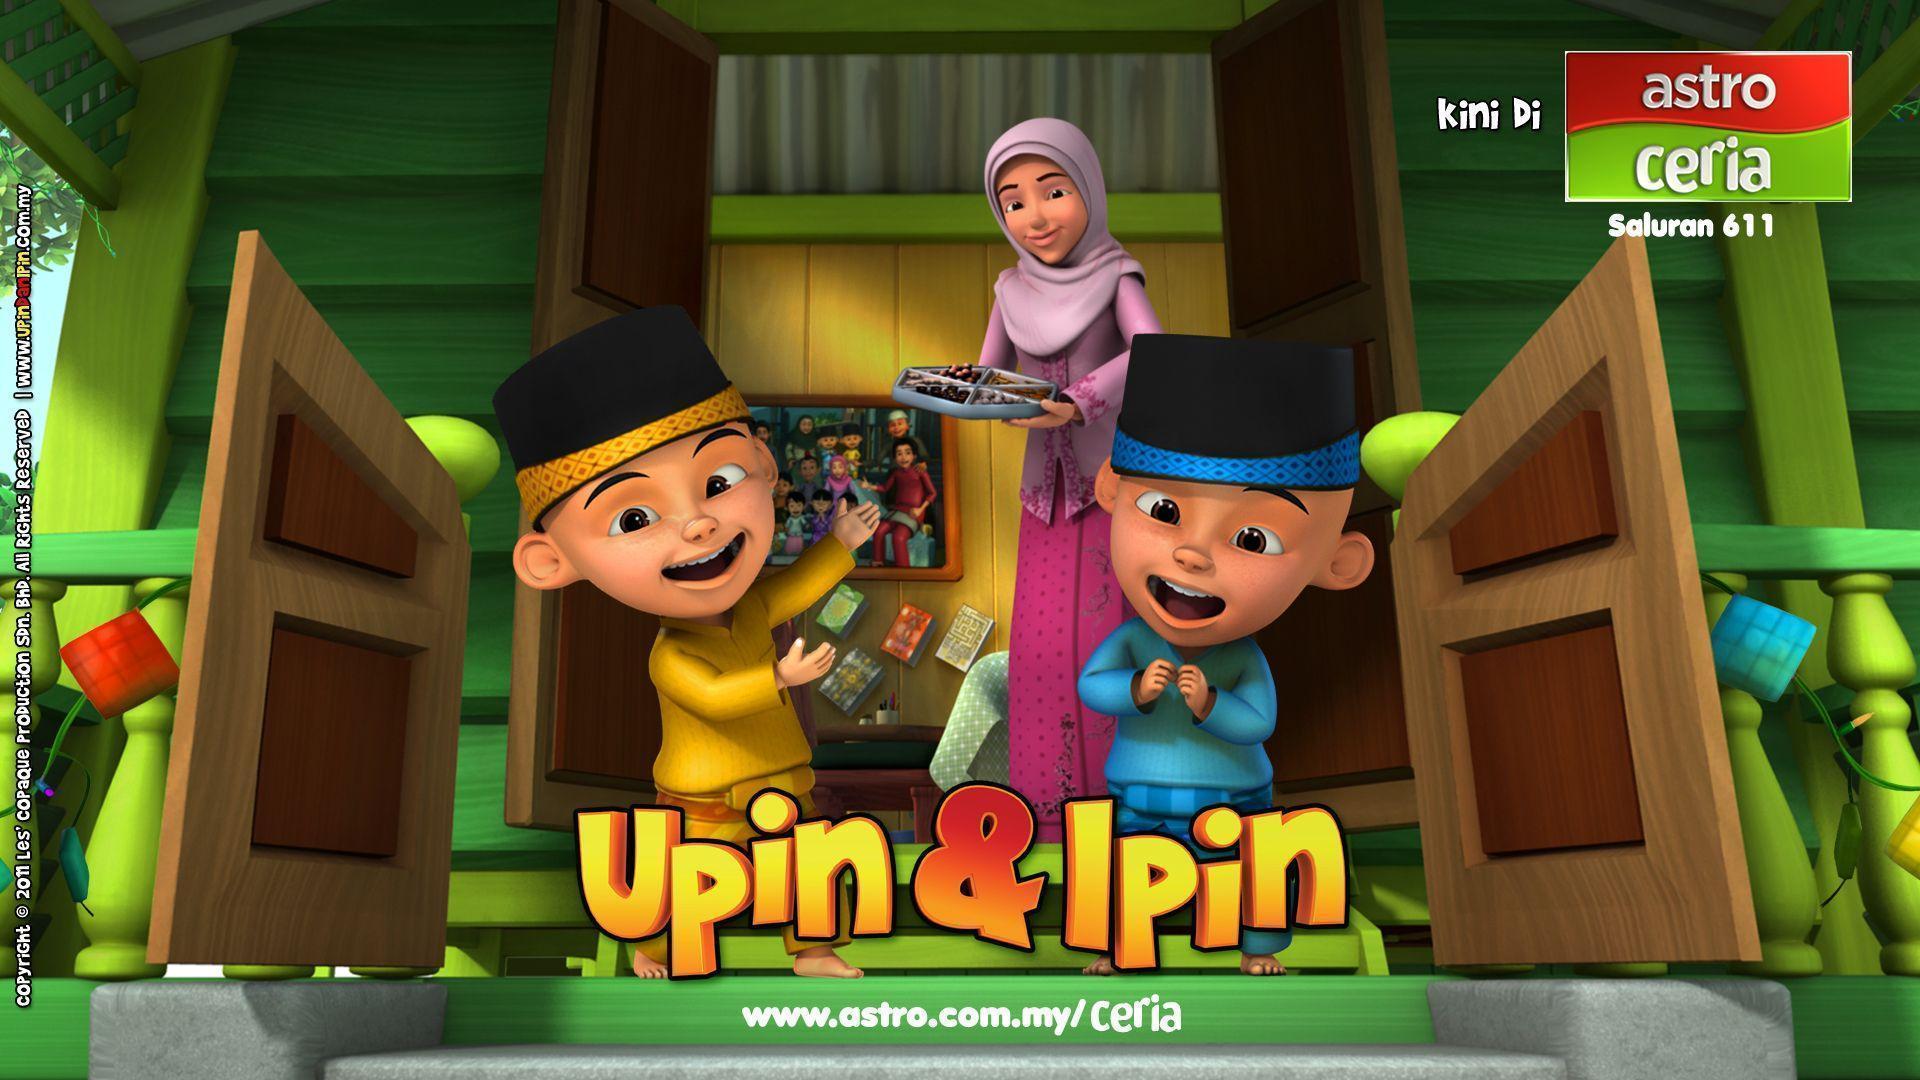 Download 65+ Gambar Hd Upin Ipin